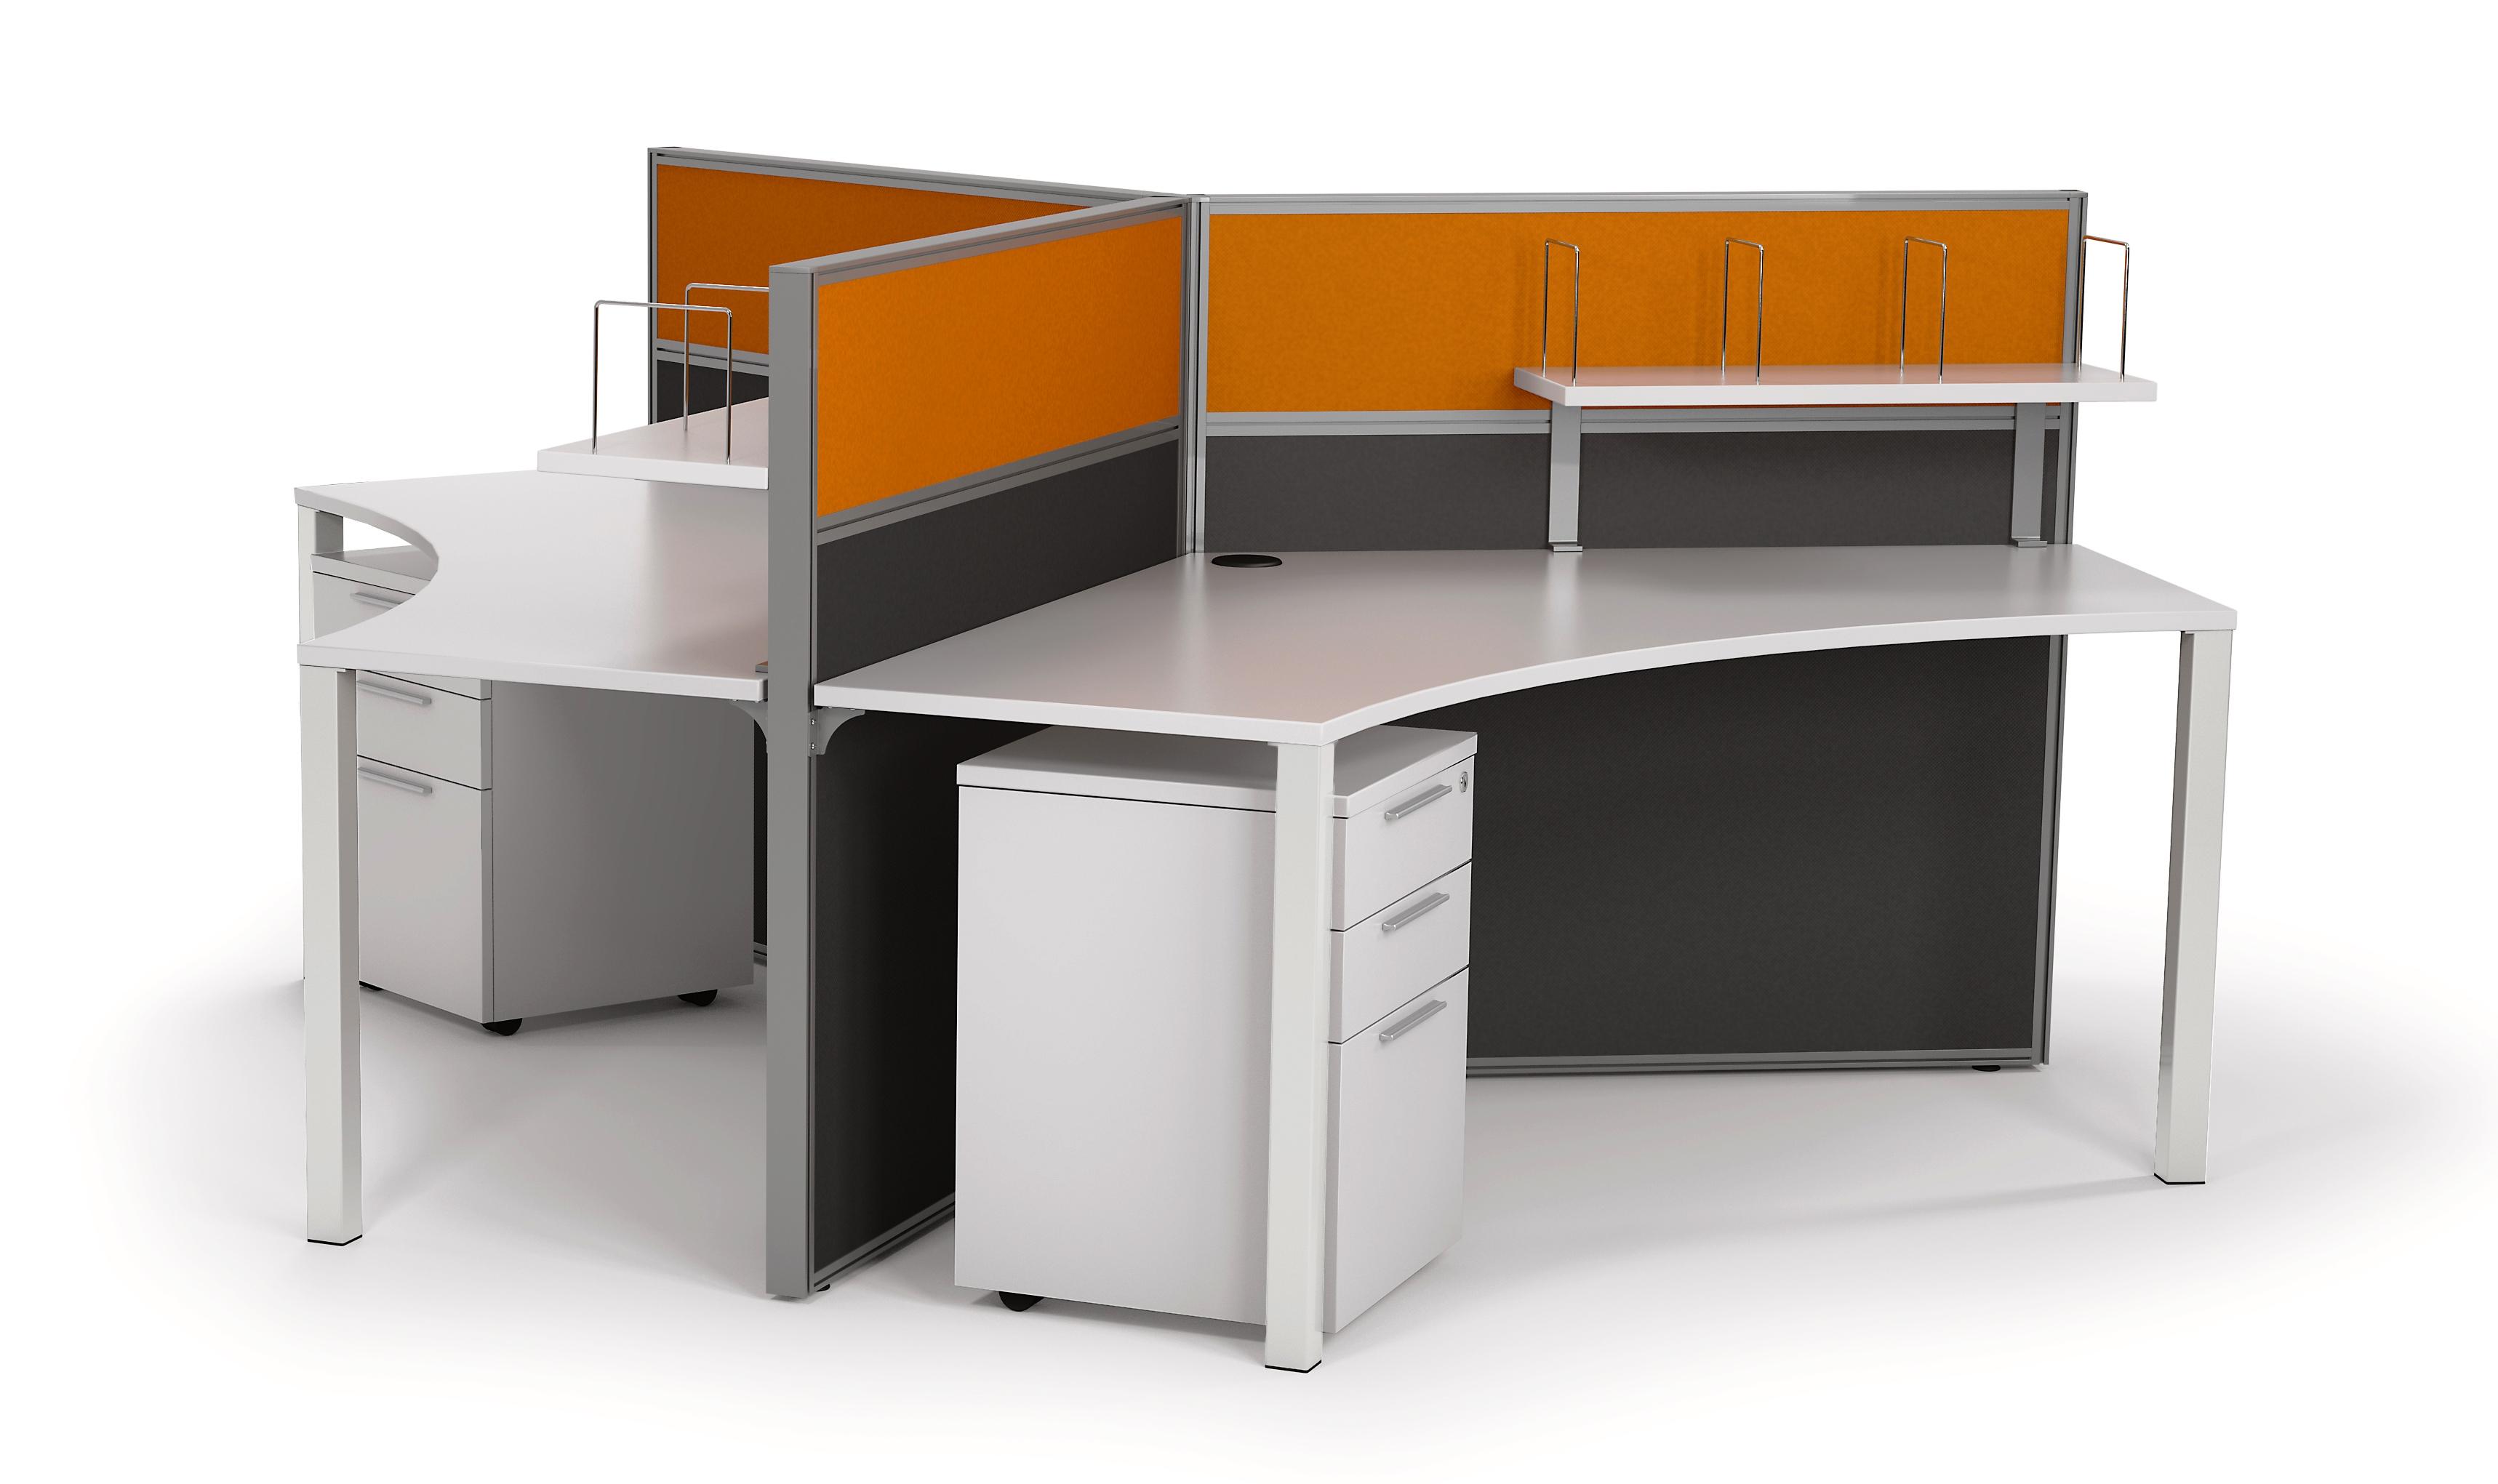 Studio50 Workstations 120deg - 3 pod